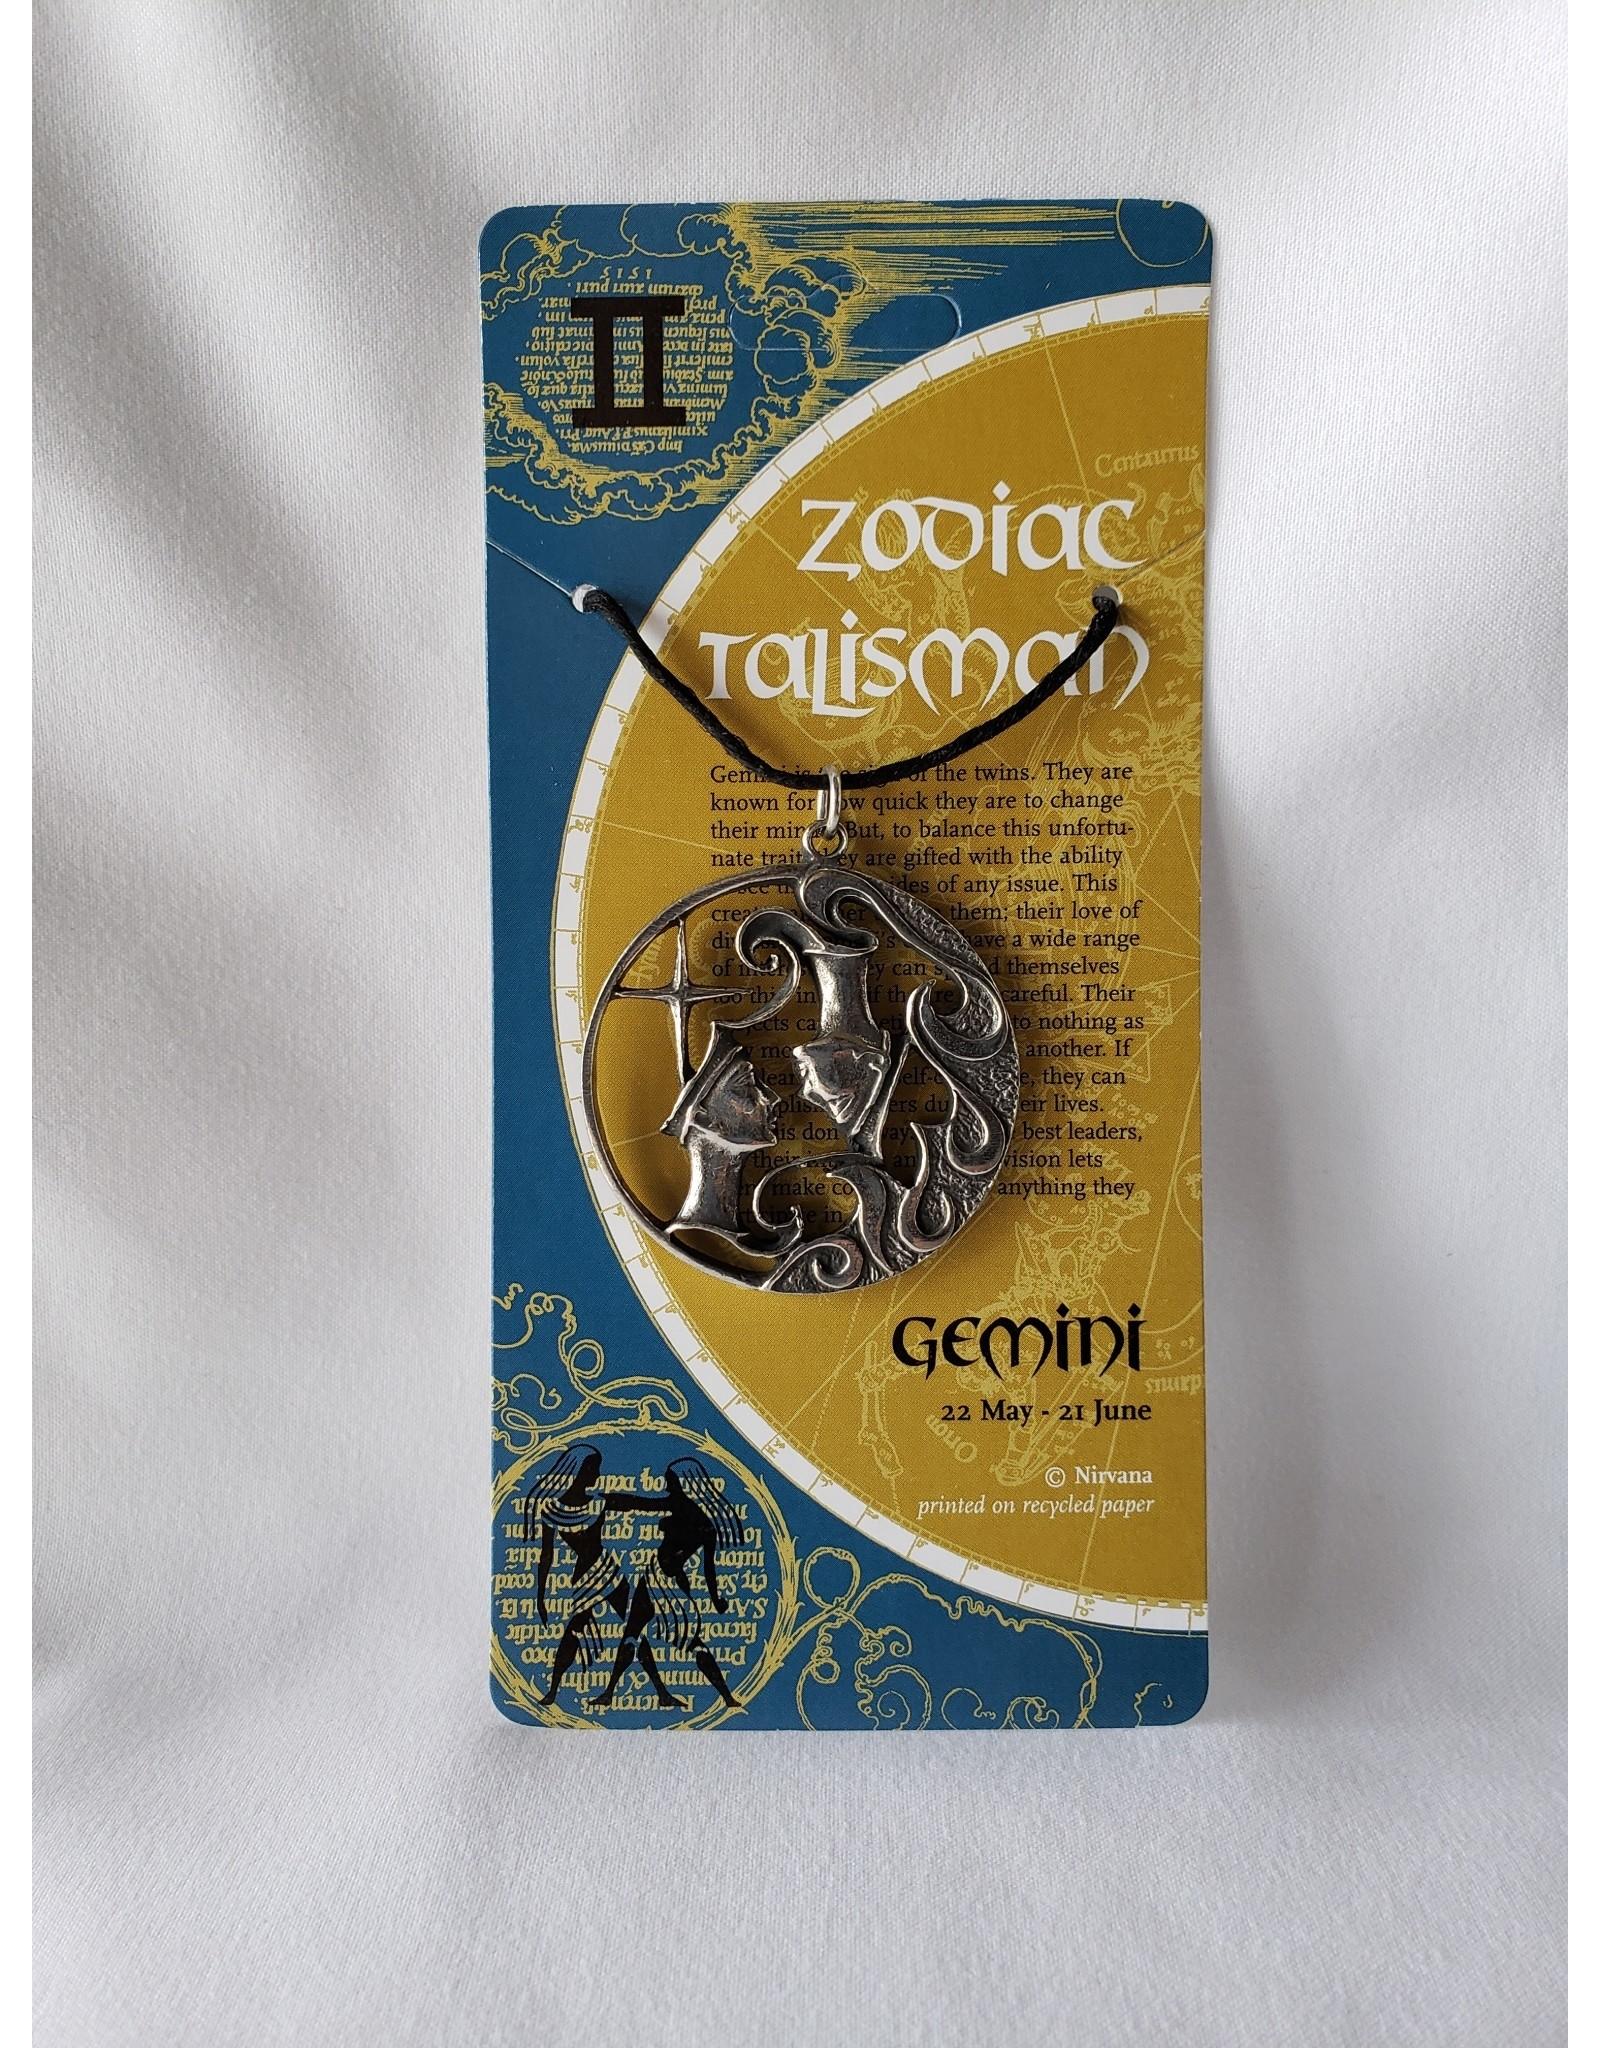 Zodiac Talisman - Gemini